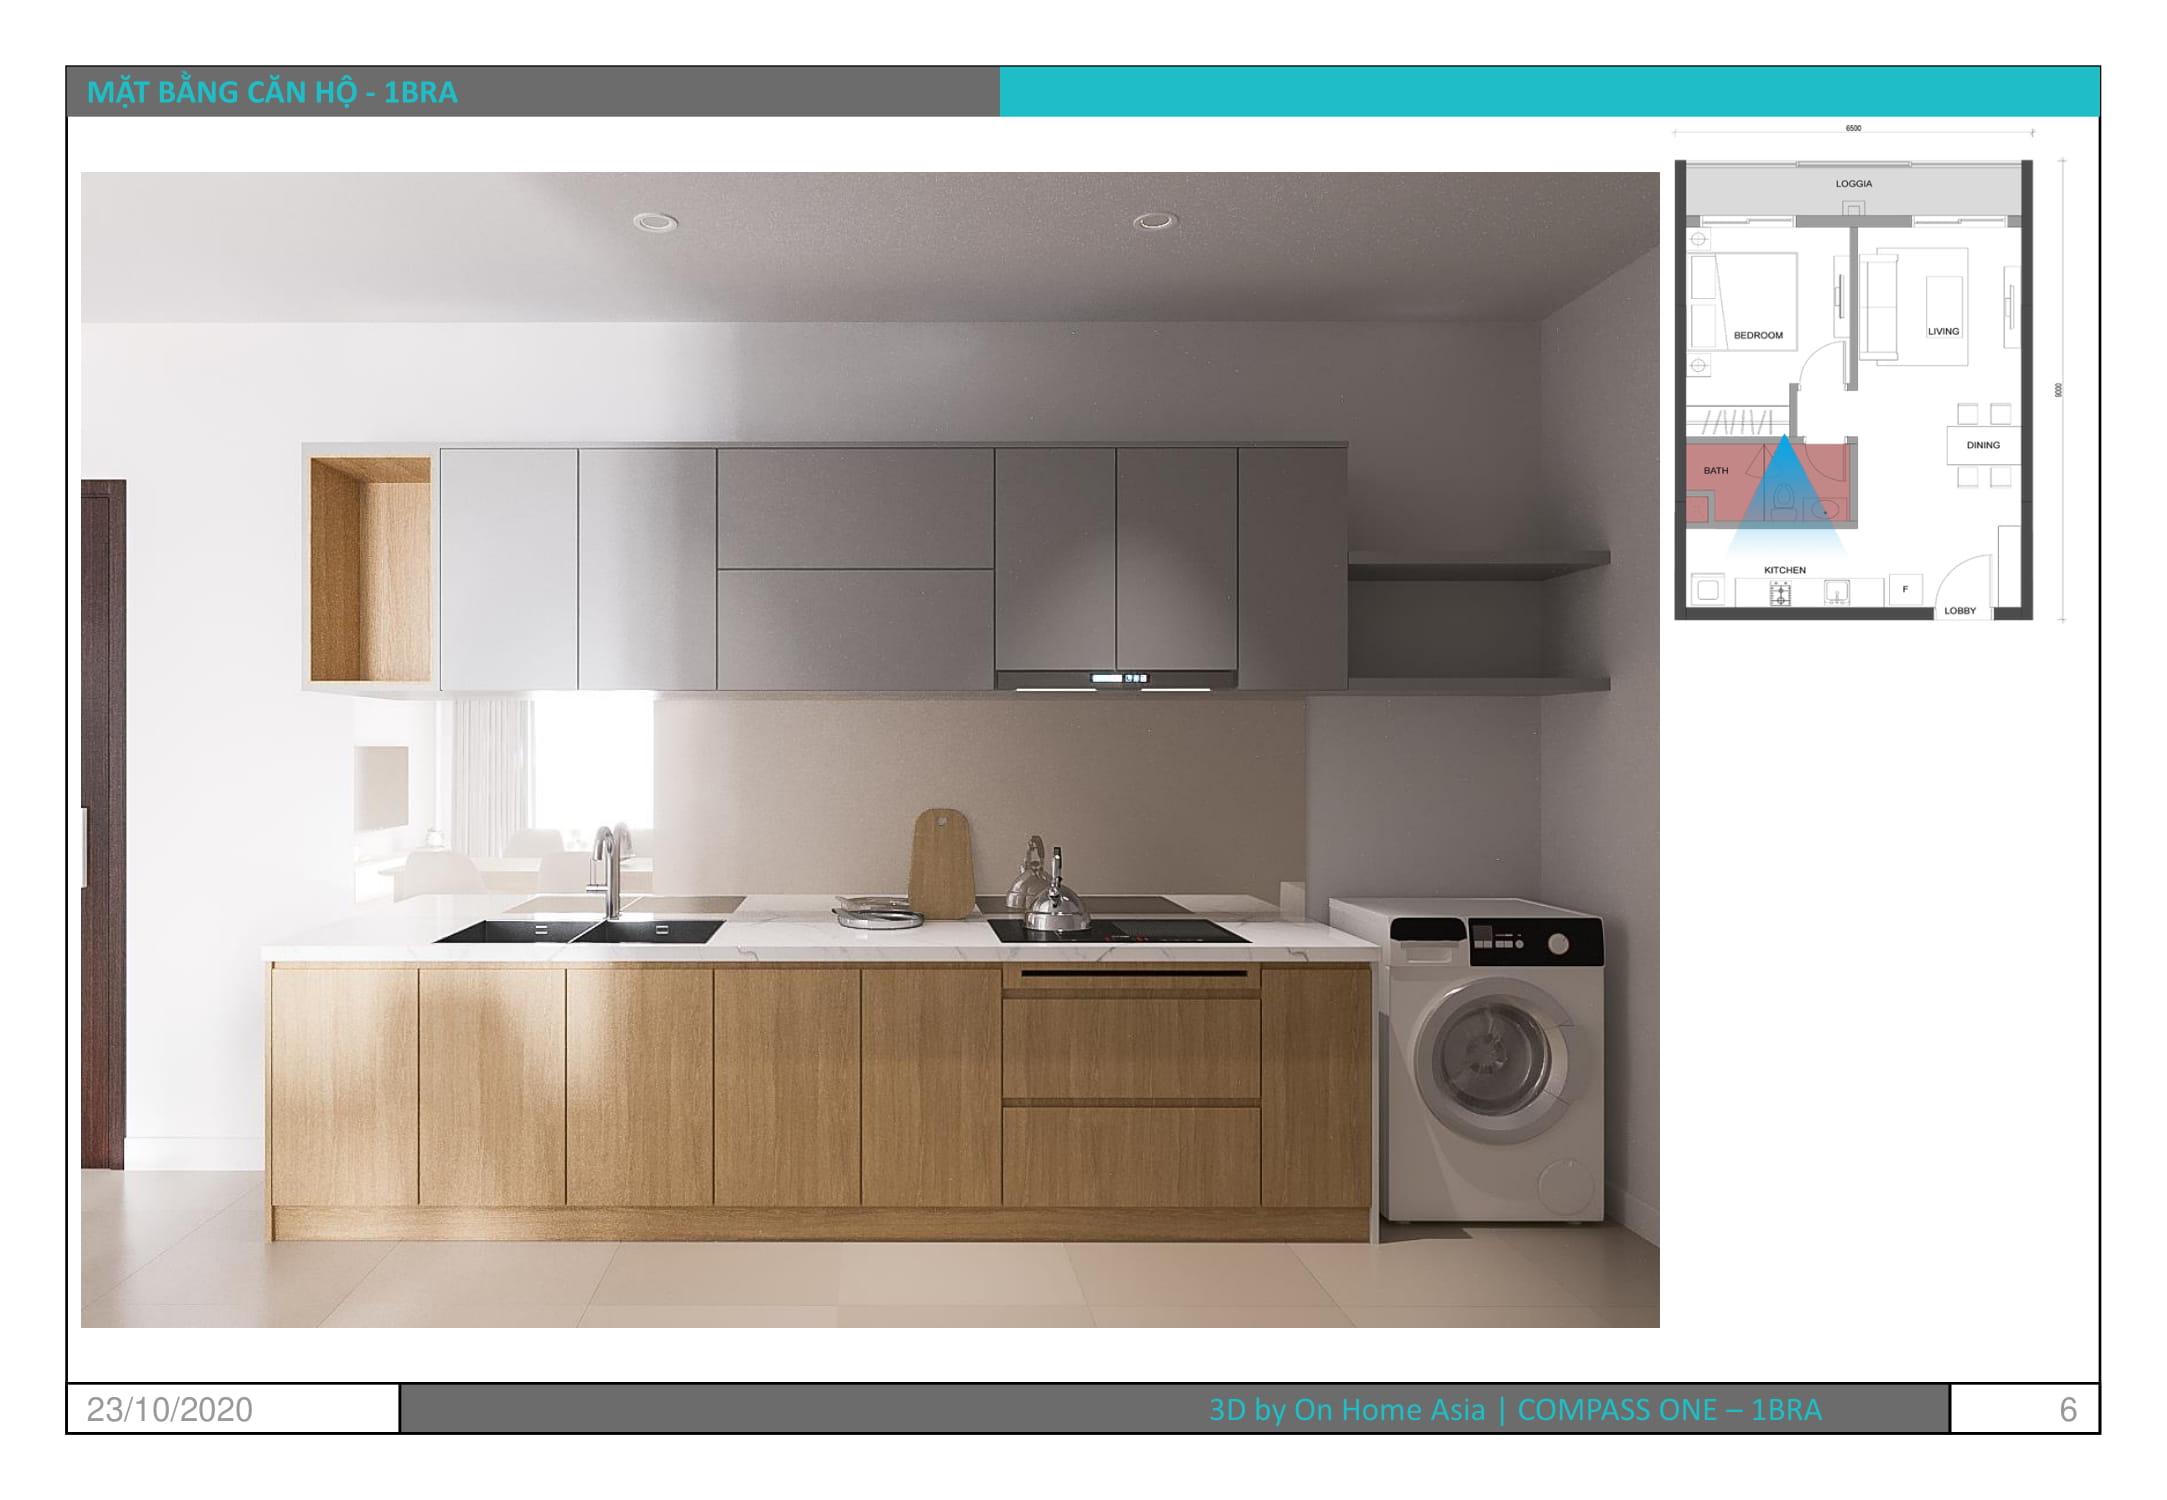 thiết kế nội thất nhà bếp căn hộ compass one 1pn